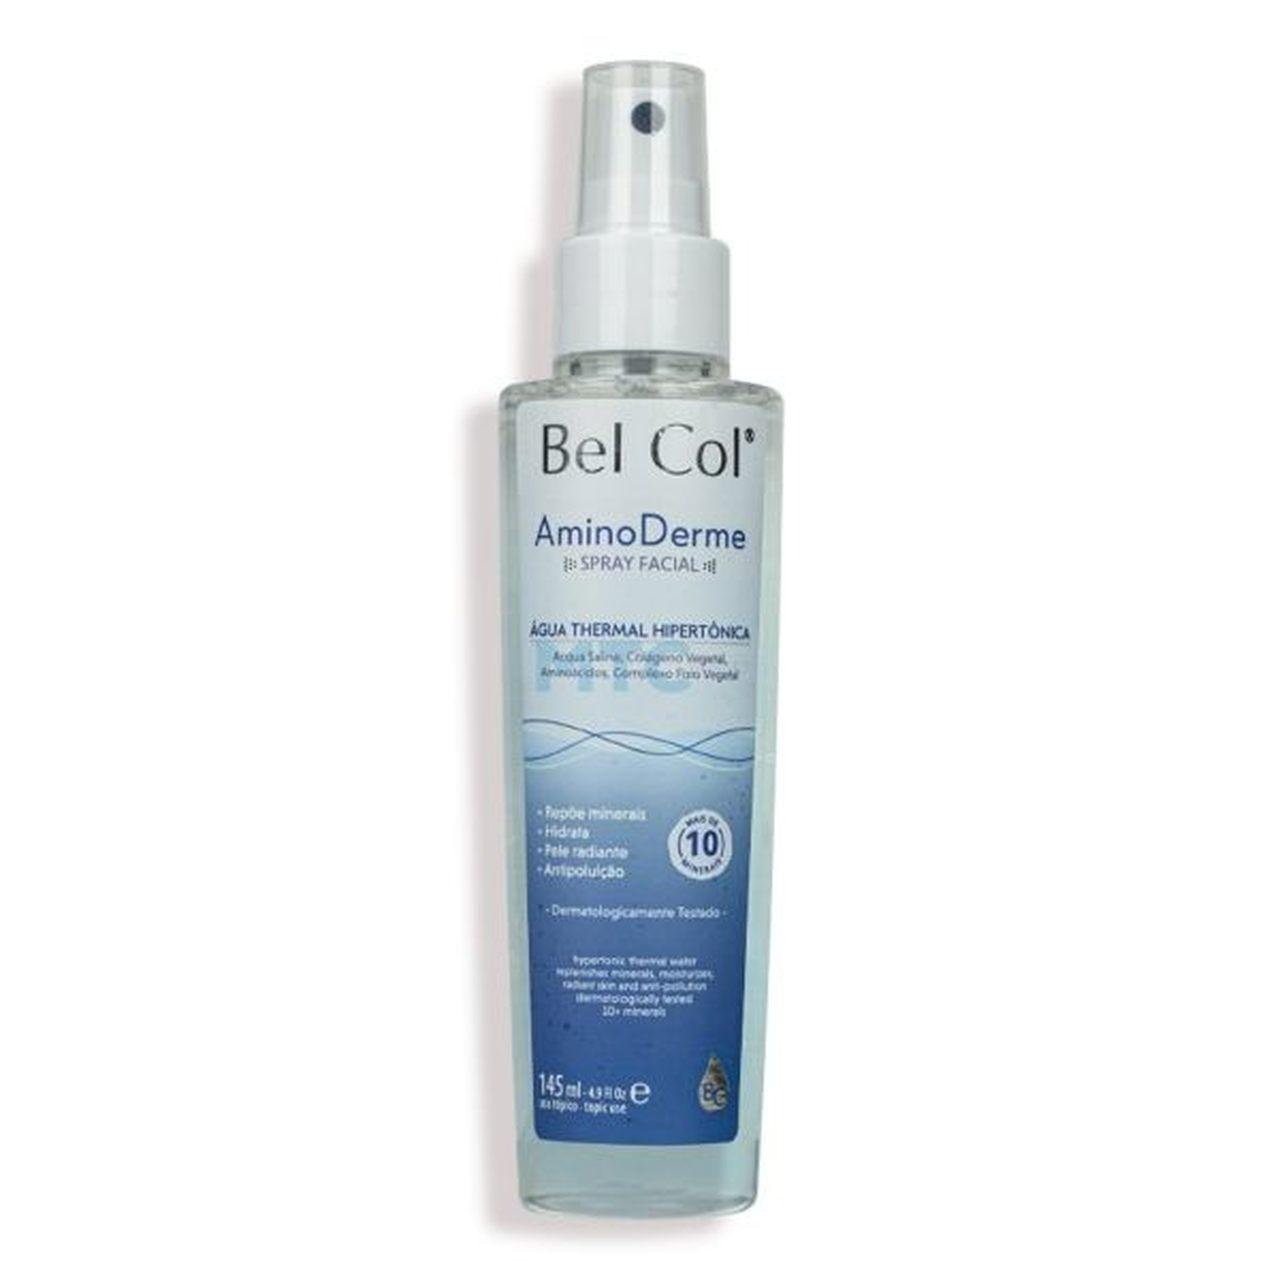 Spray Facial Aminoderme 145ml | Bel Col Cosméticos